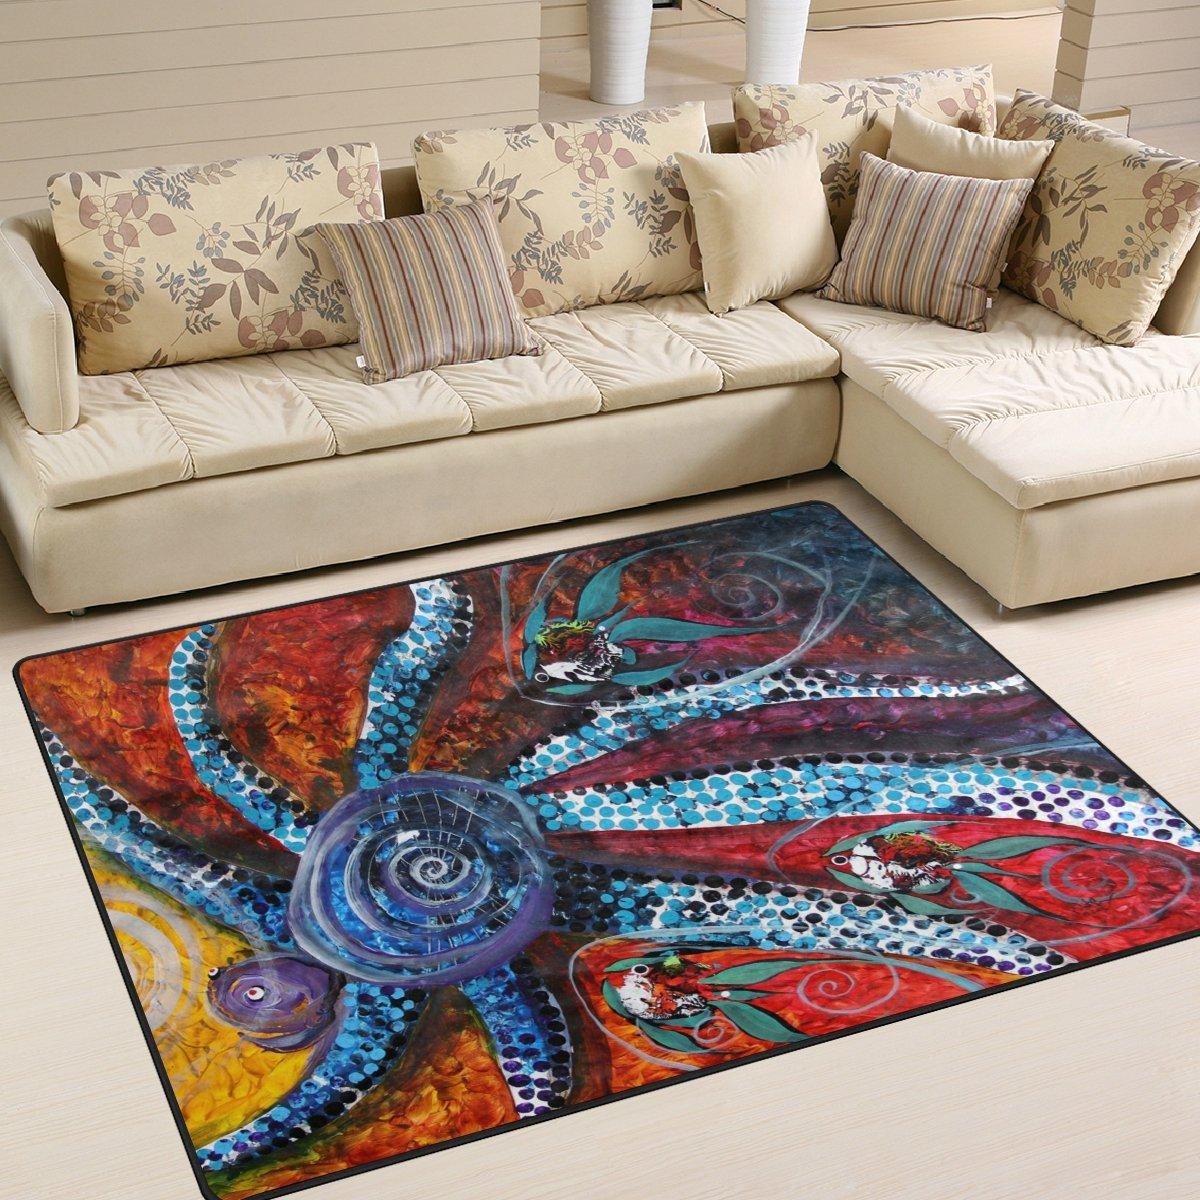 deyyaカスタムOcean Octopusノンスリップエリアラグパッドカバー63 x 48インチ、海洋OctopusパターンのためのスローラグカーペットモダンカーペットホームダイニングルームPlayroomリビングルーム装飾 80 x 58 inch dtfh-002 80 x 58 inch  B075X9KRTP